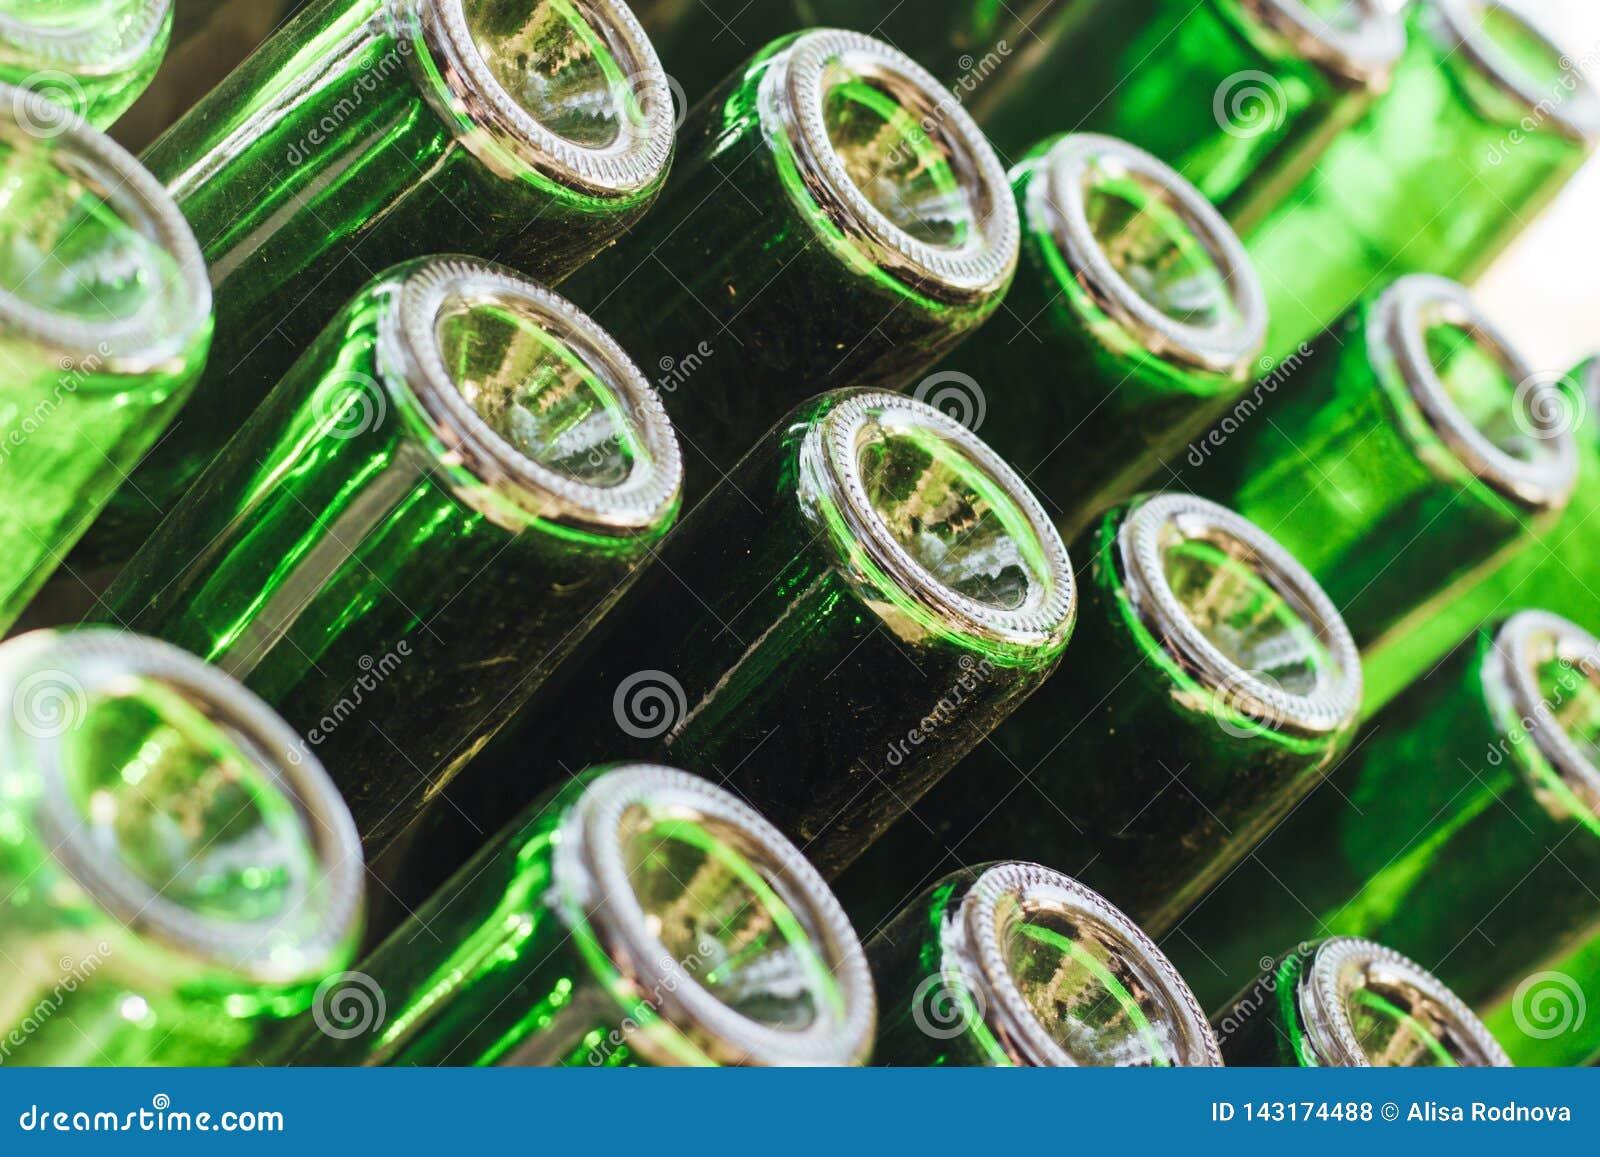 Vecchie bottiglie di vino verdi